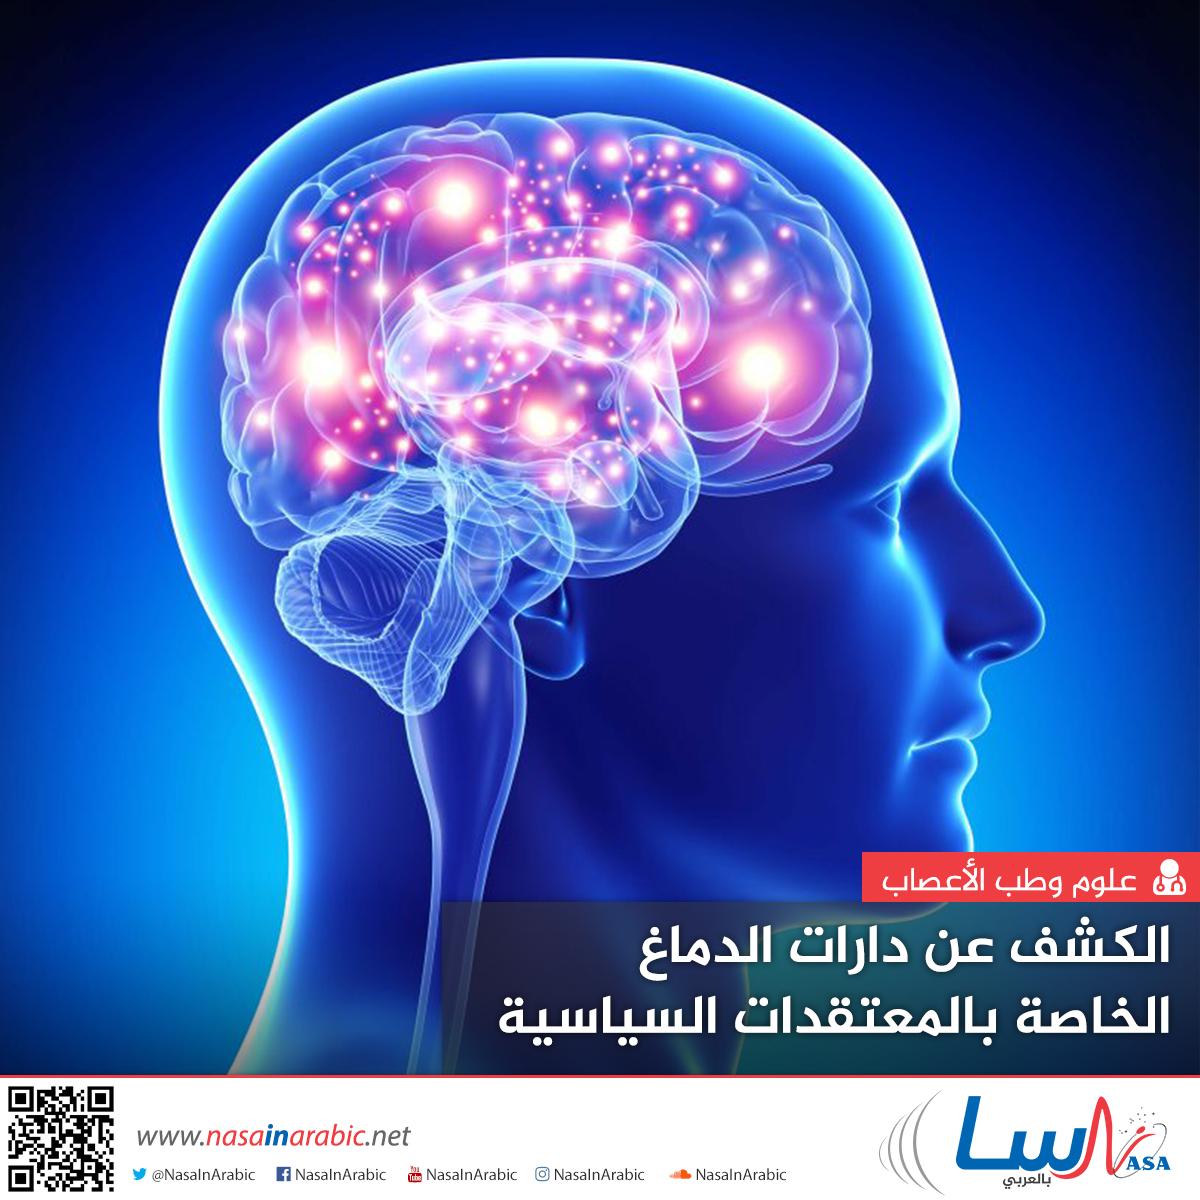 الكشف عن دارات الدماغ الخاصة بالمعتقدات السياسية